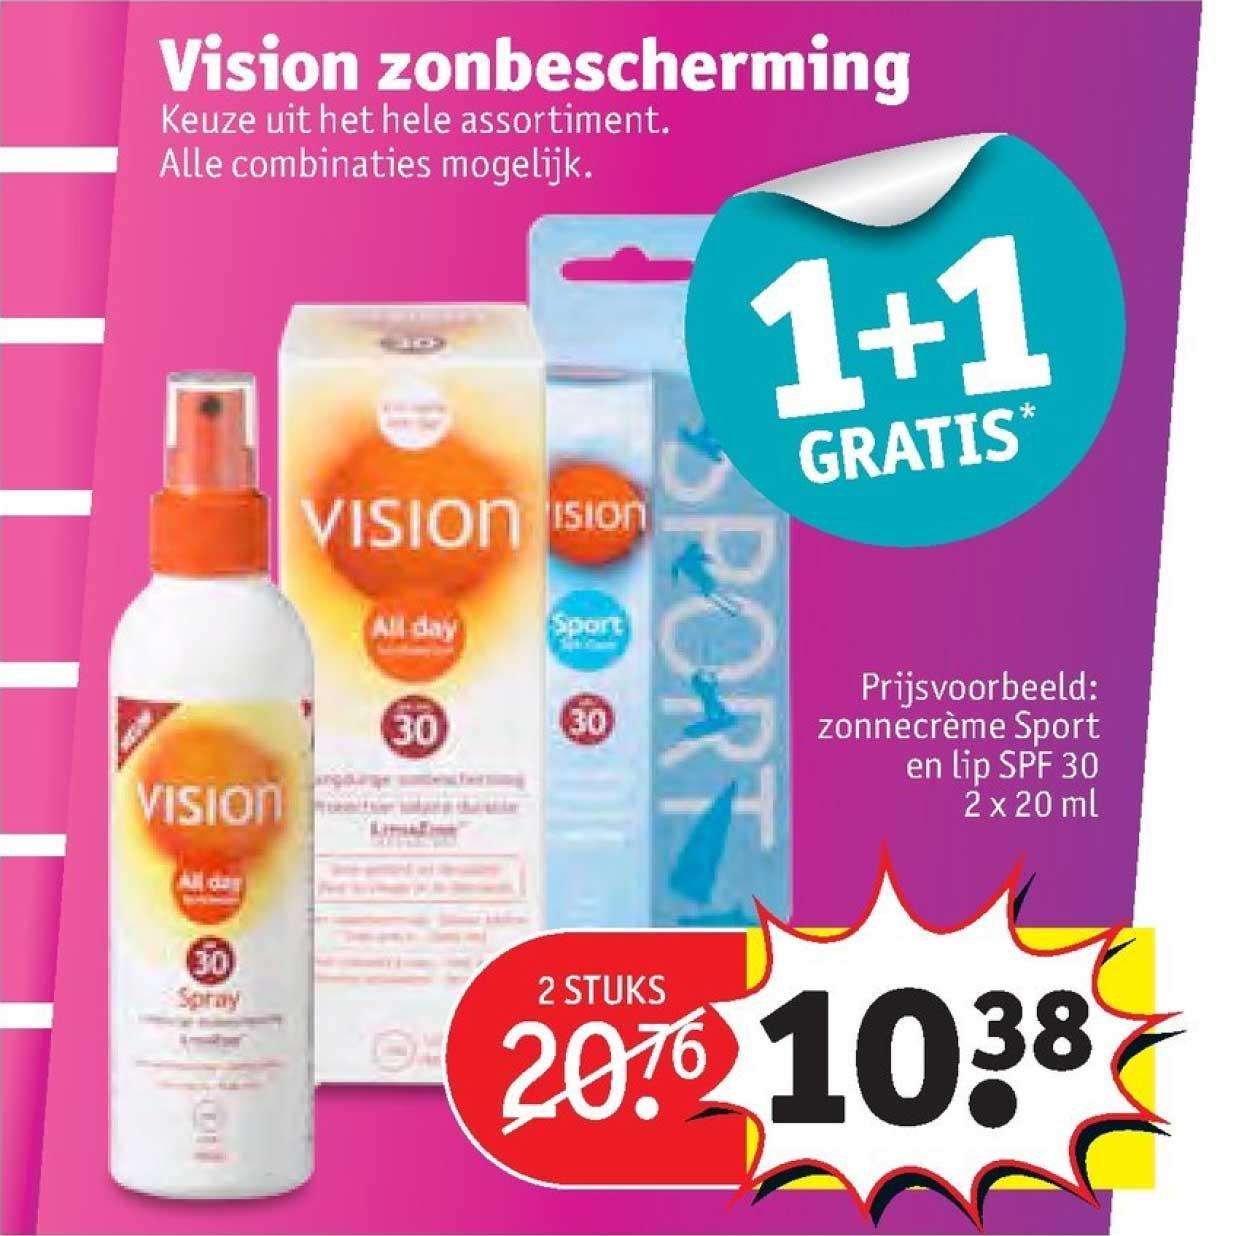 Kruidvat Vision Zonbescherming: 1+1 Gratis